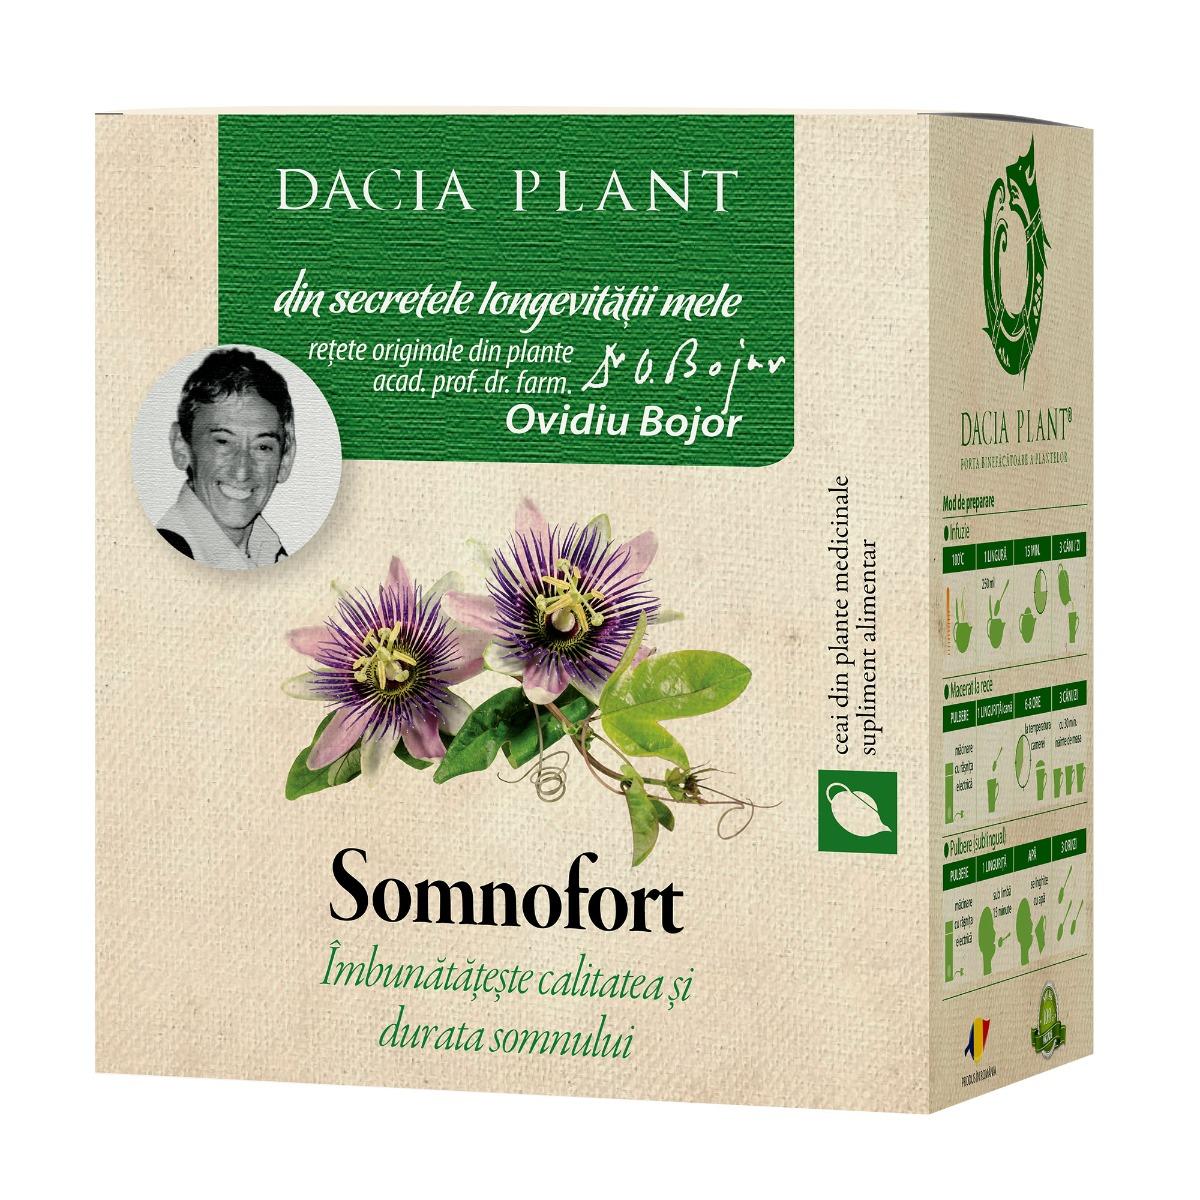 Ceai somnofort, 50g, Dacia Plant drmax.ro